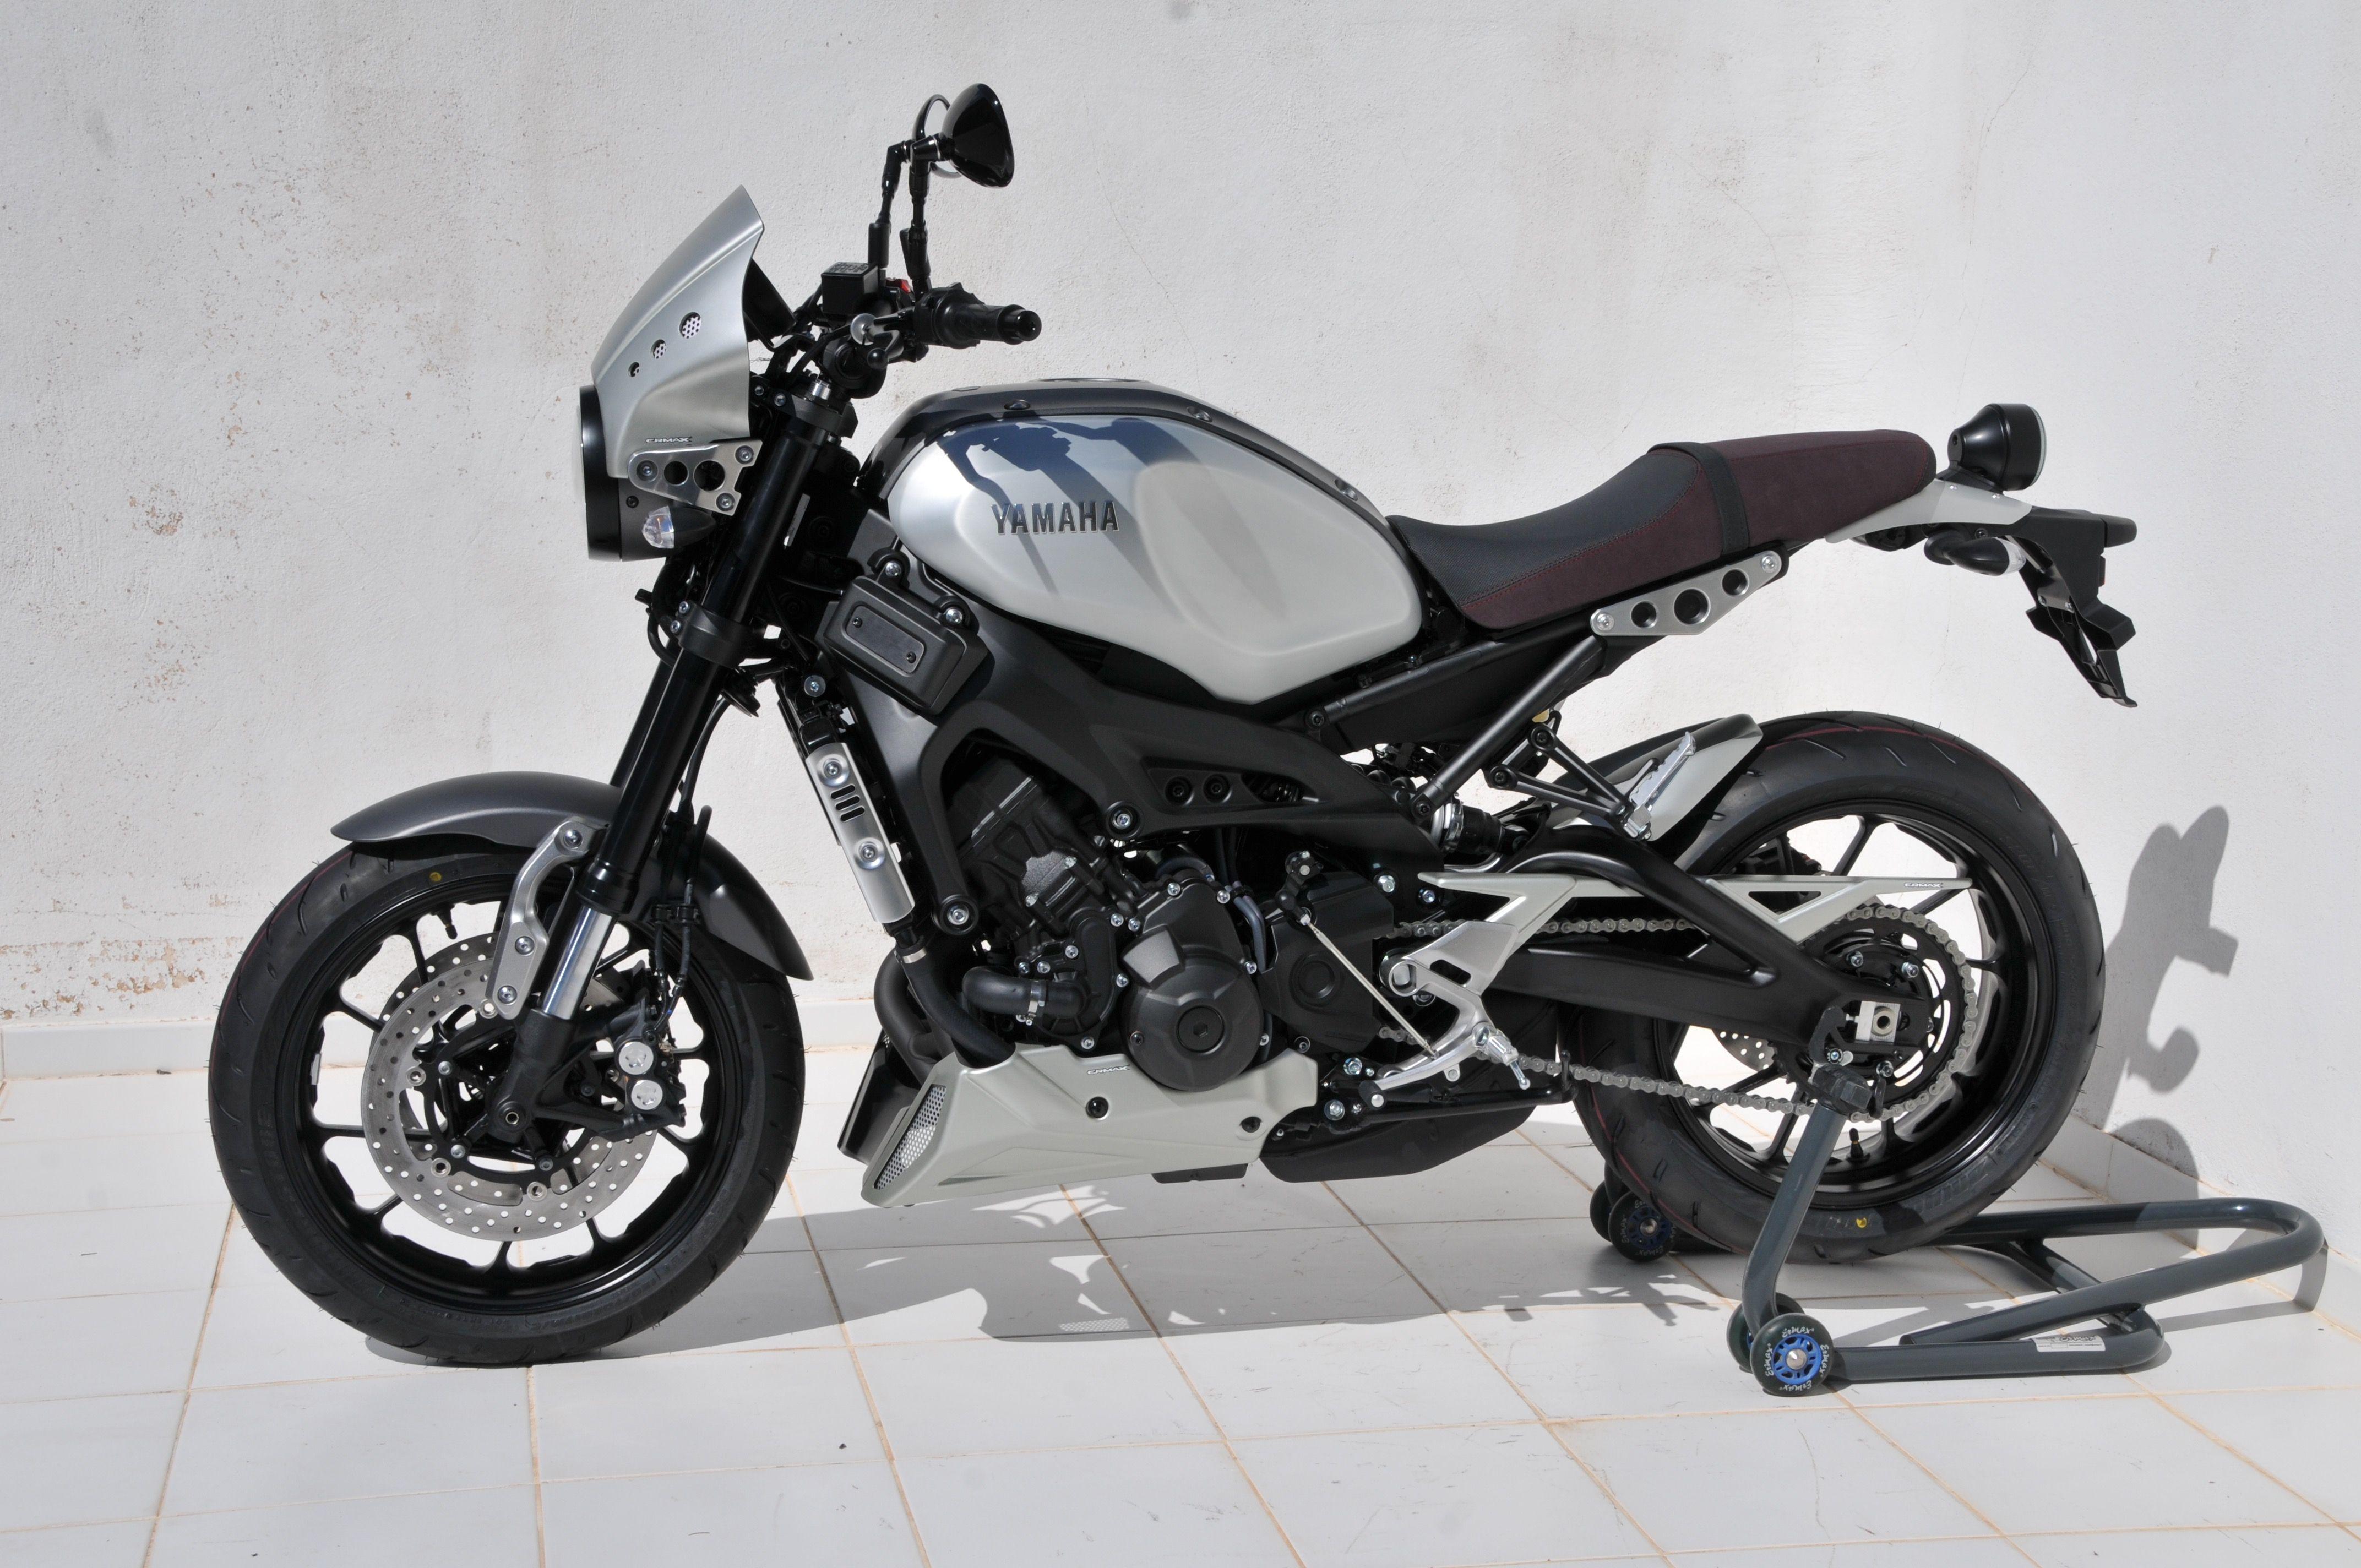 Yamaha xsr 900 prezzo idea di immagine del motociclo for Prezzo del garage 16x20